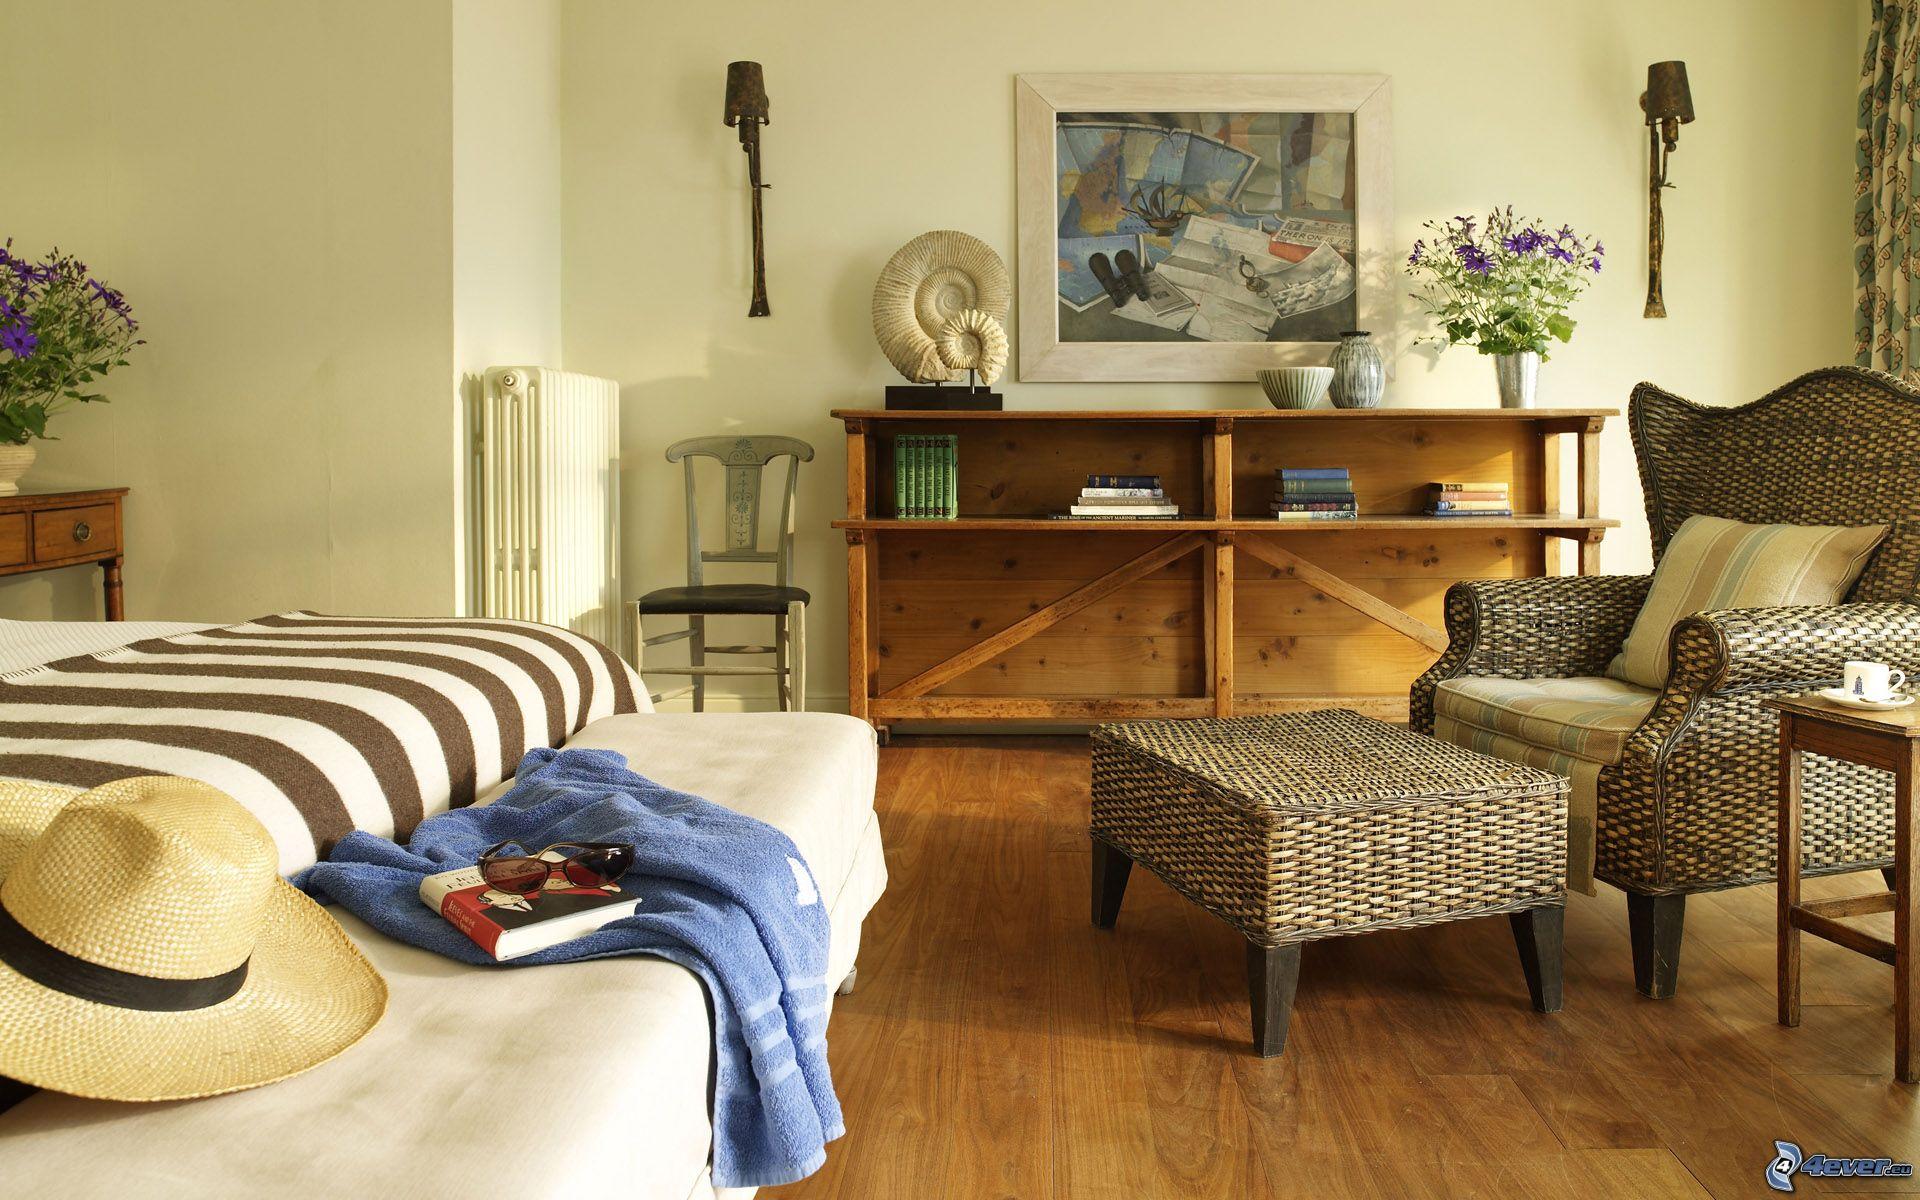 Schlafzimmer Stuhl Doppelbett Regale Bild